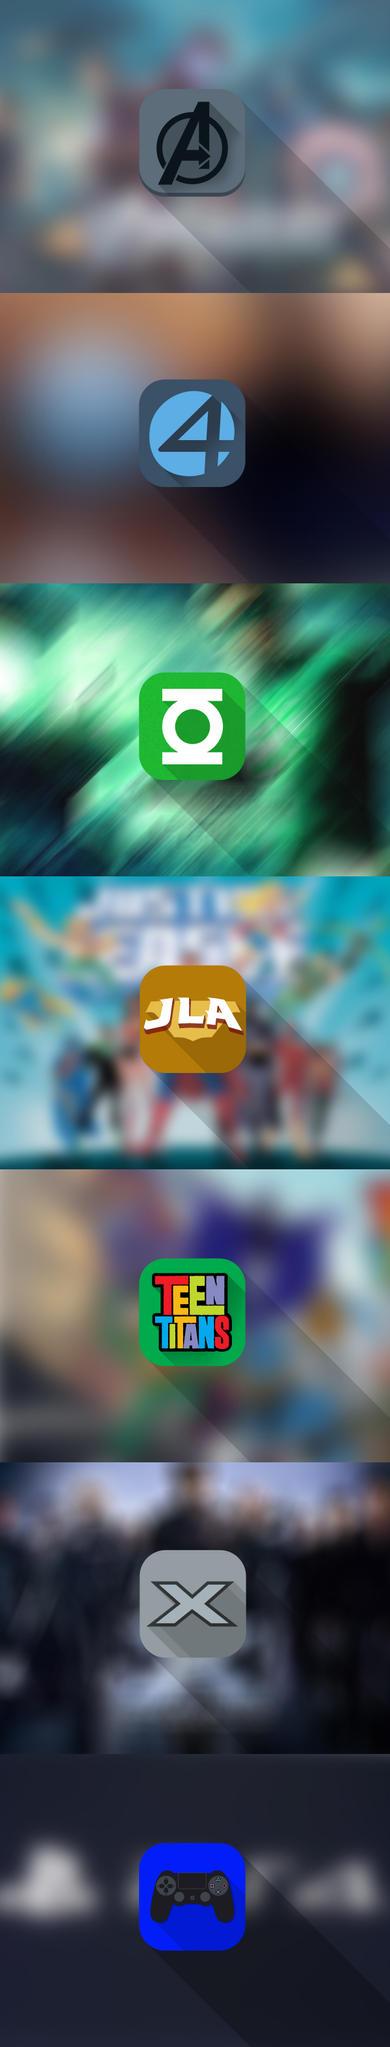 SuperHero Groups Identity Icons by iftikhar110